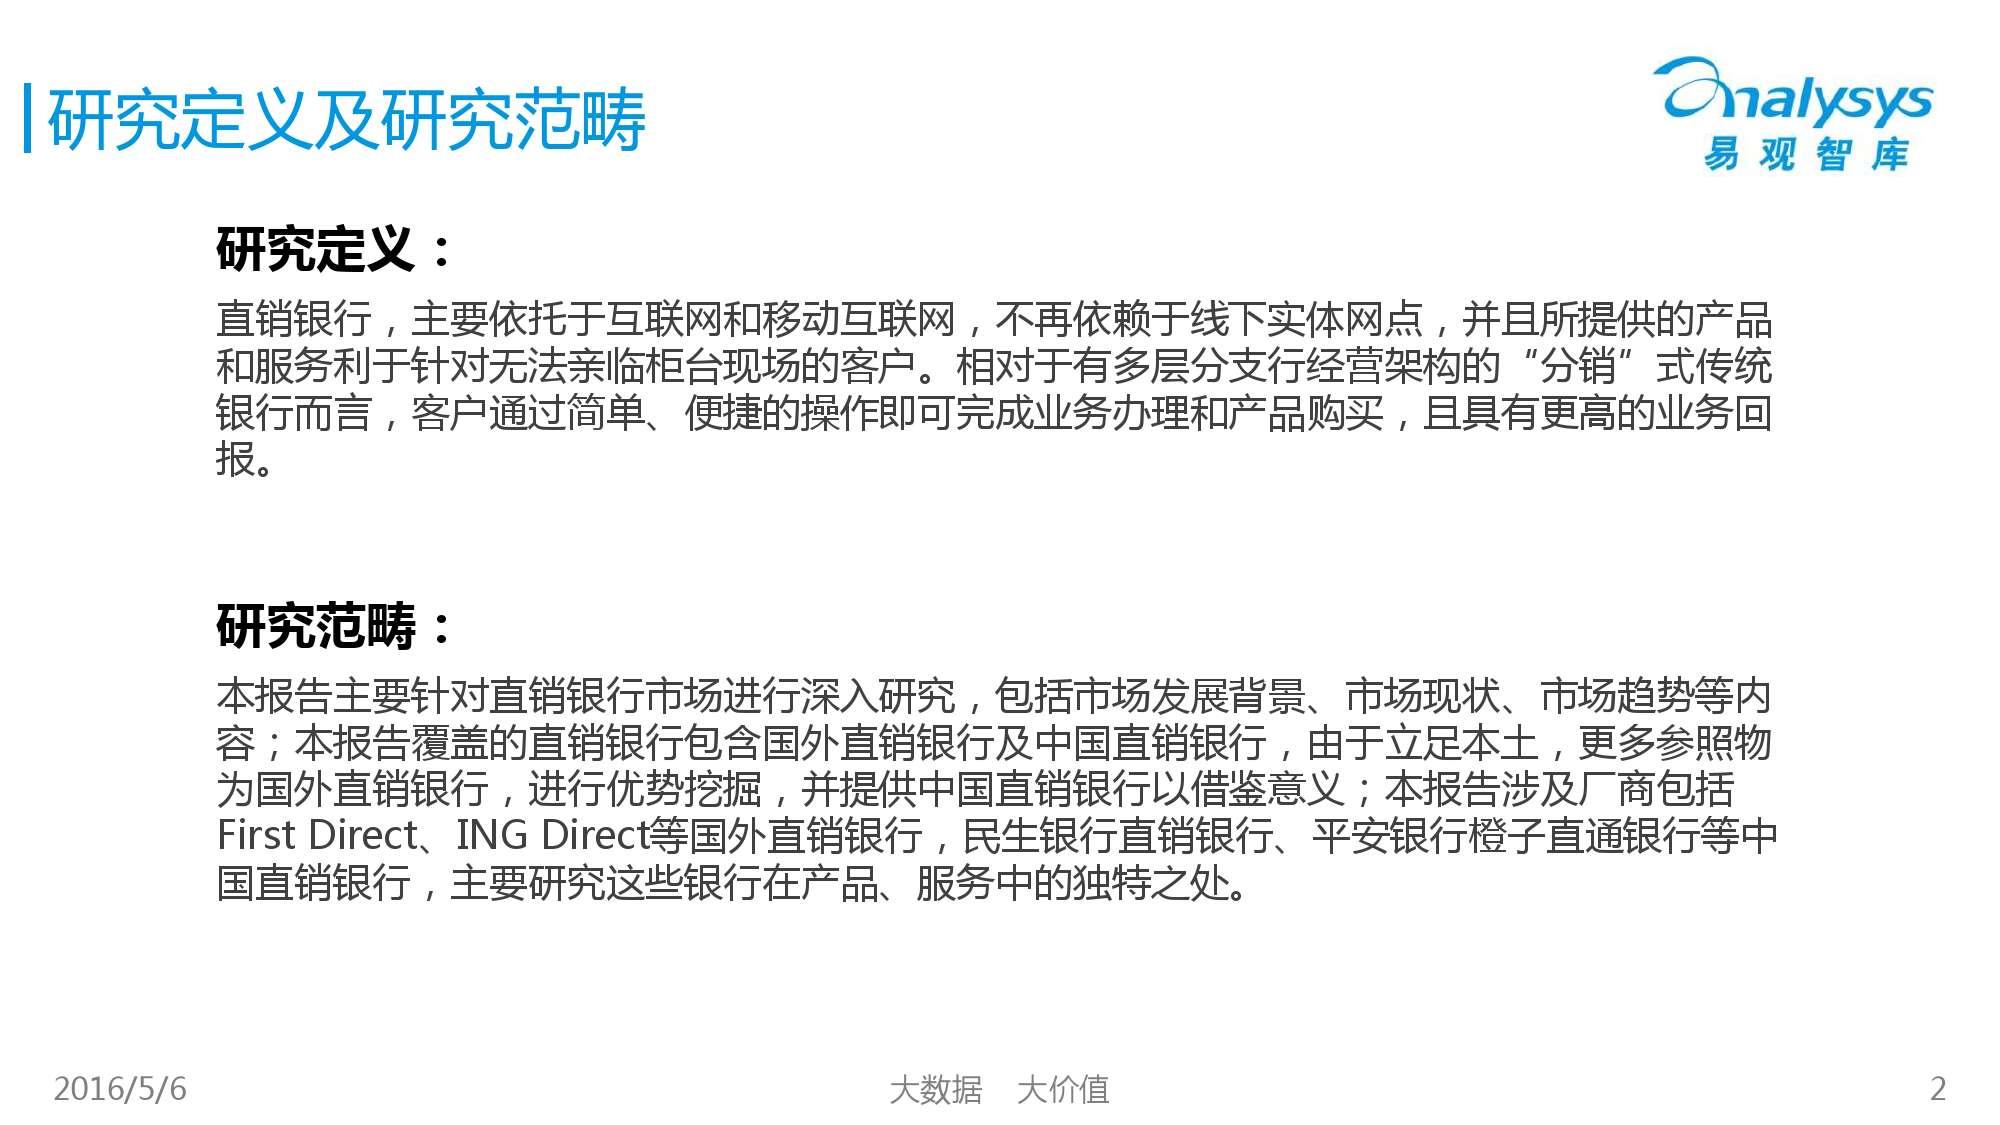 2016年中国直销银行市场专题研究报告_000002